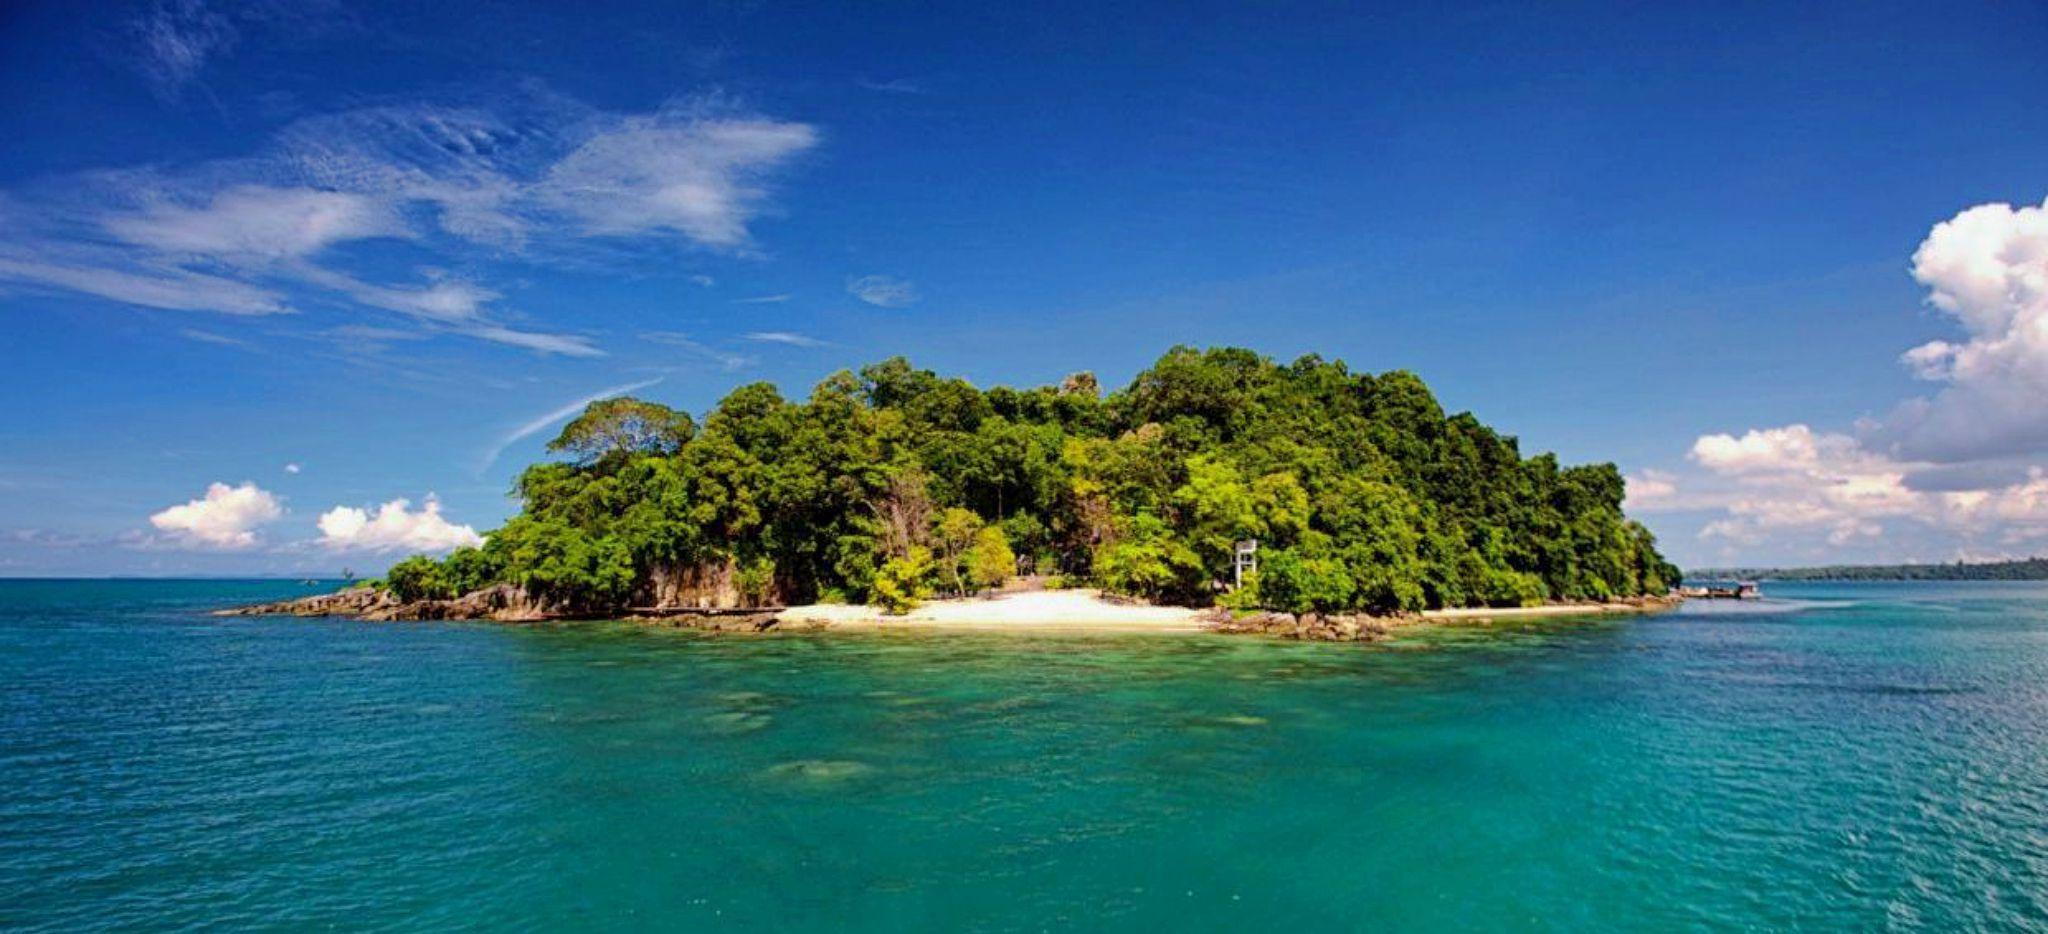 Die Insel Krabey Island